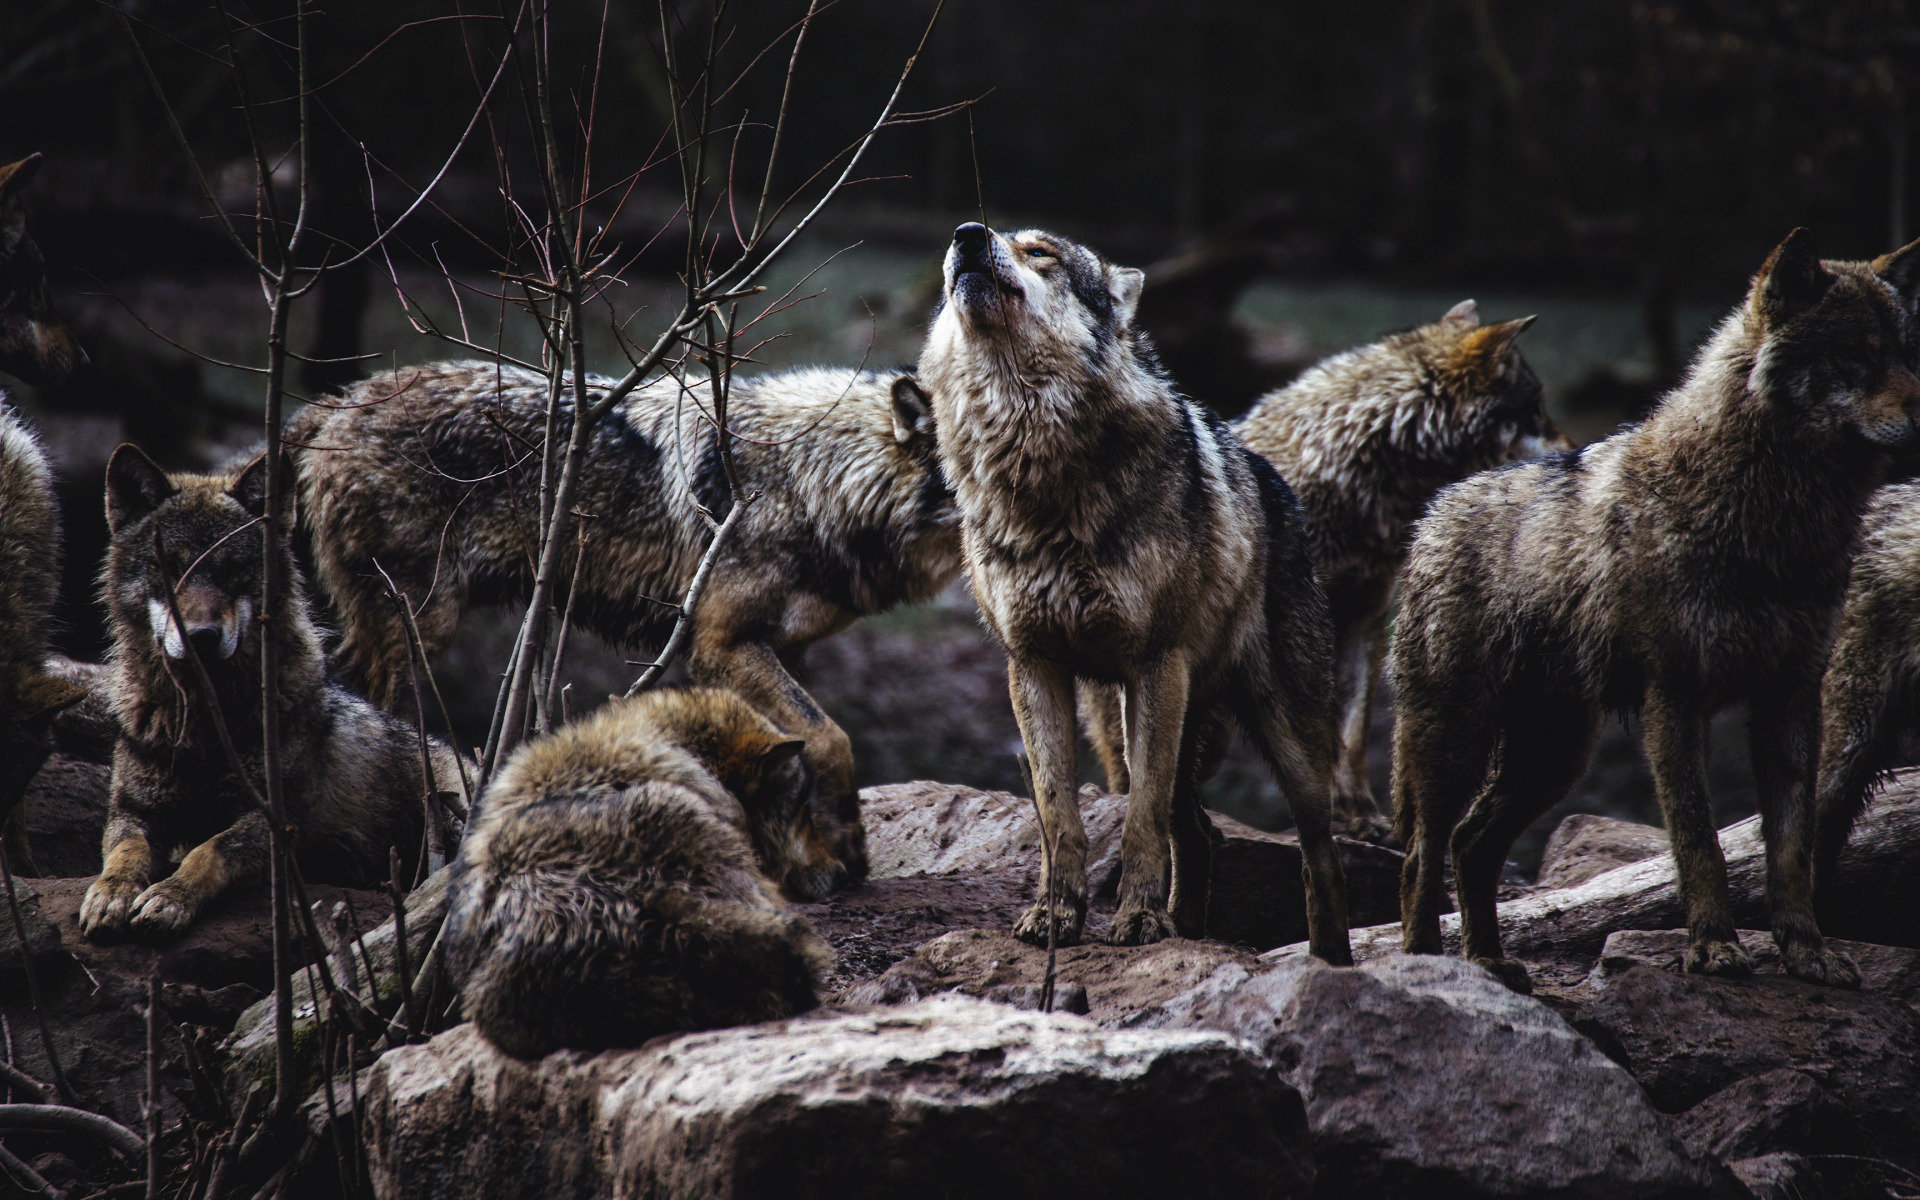 Селище на Прикарпатті тероризують голодні вовки (ВІДЕО)